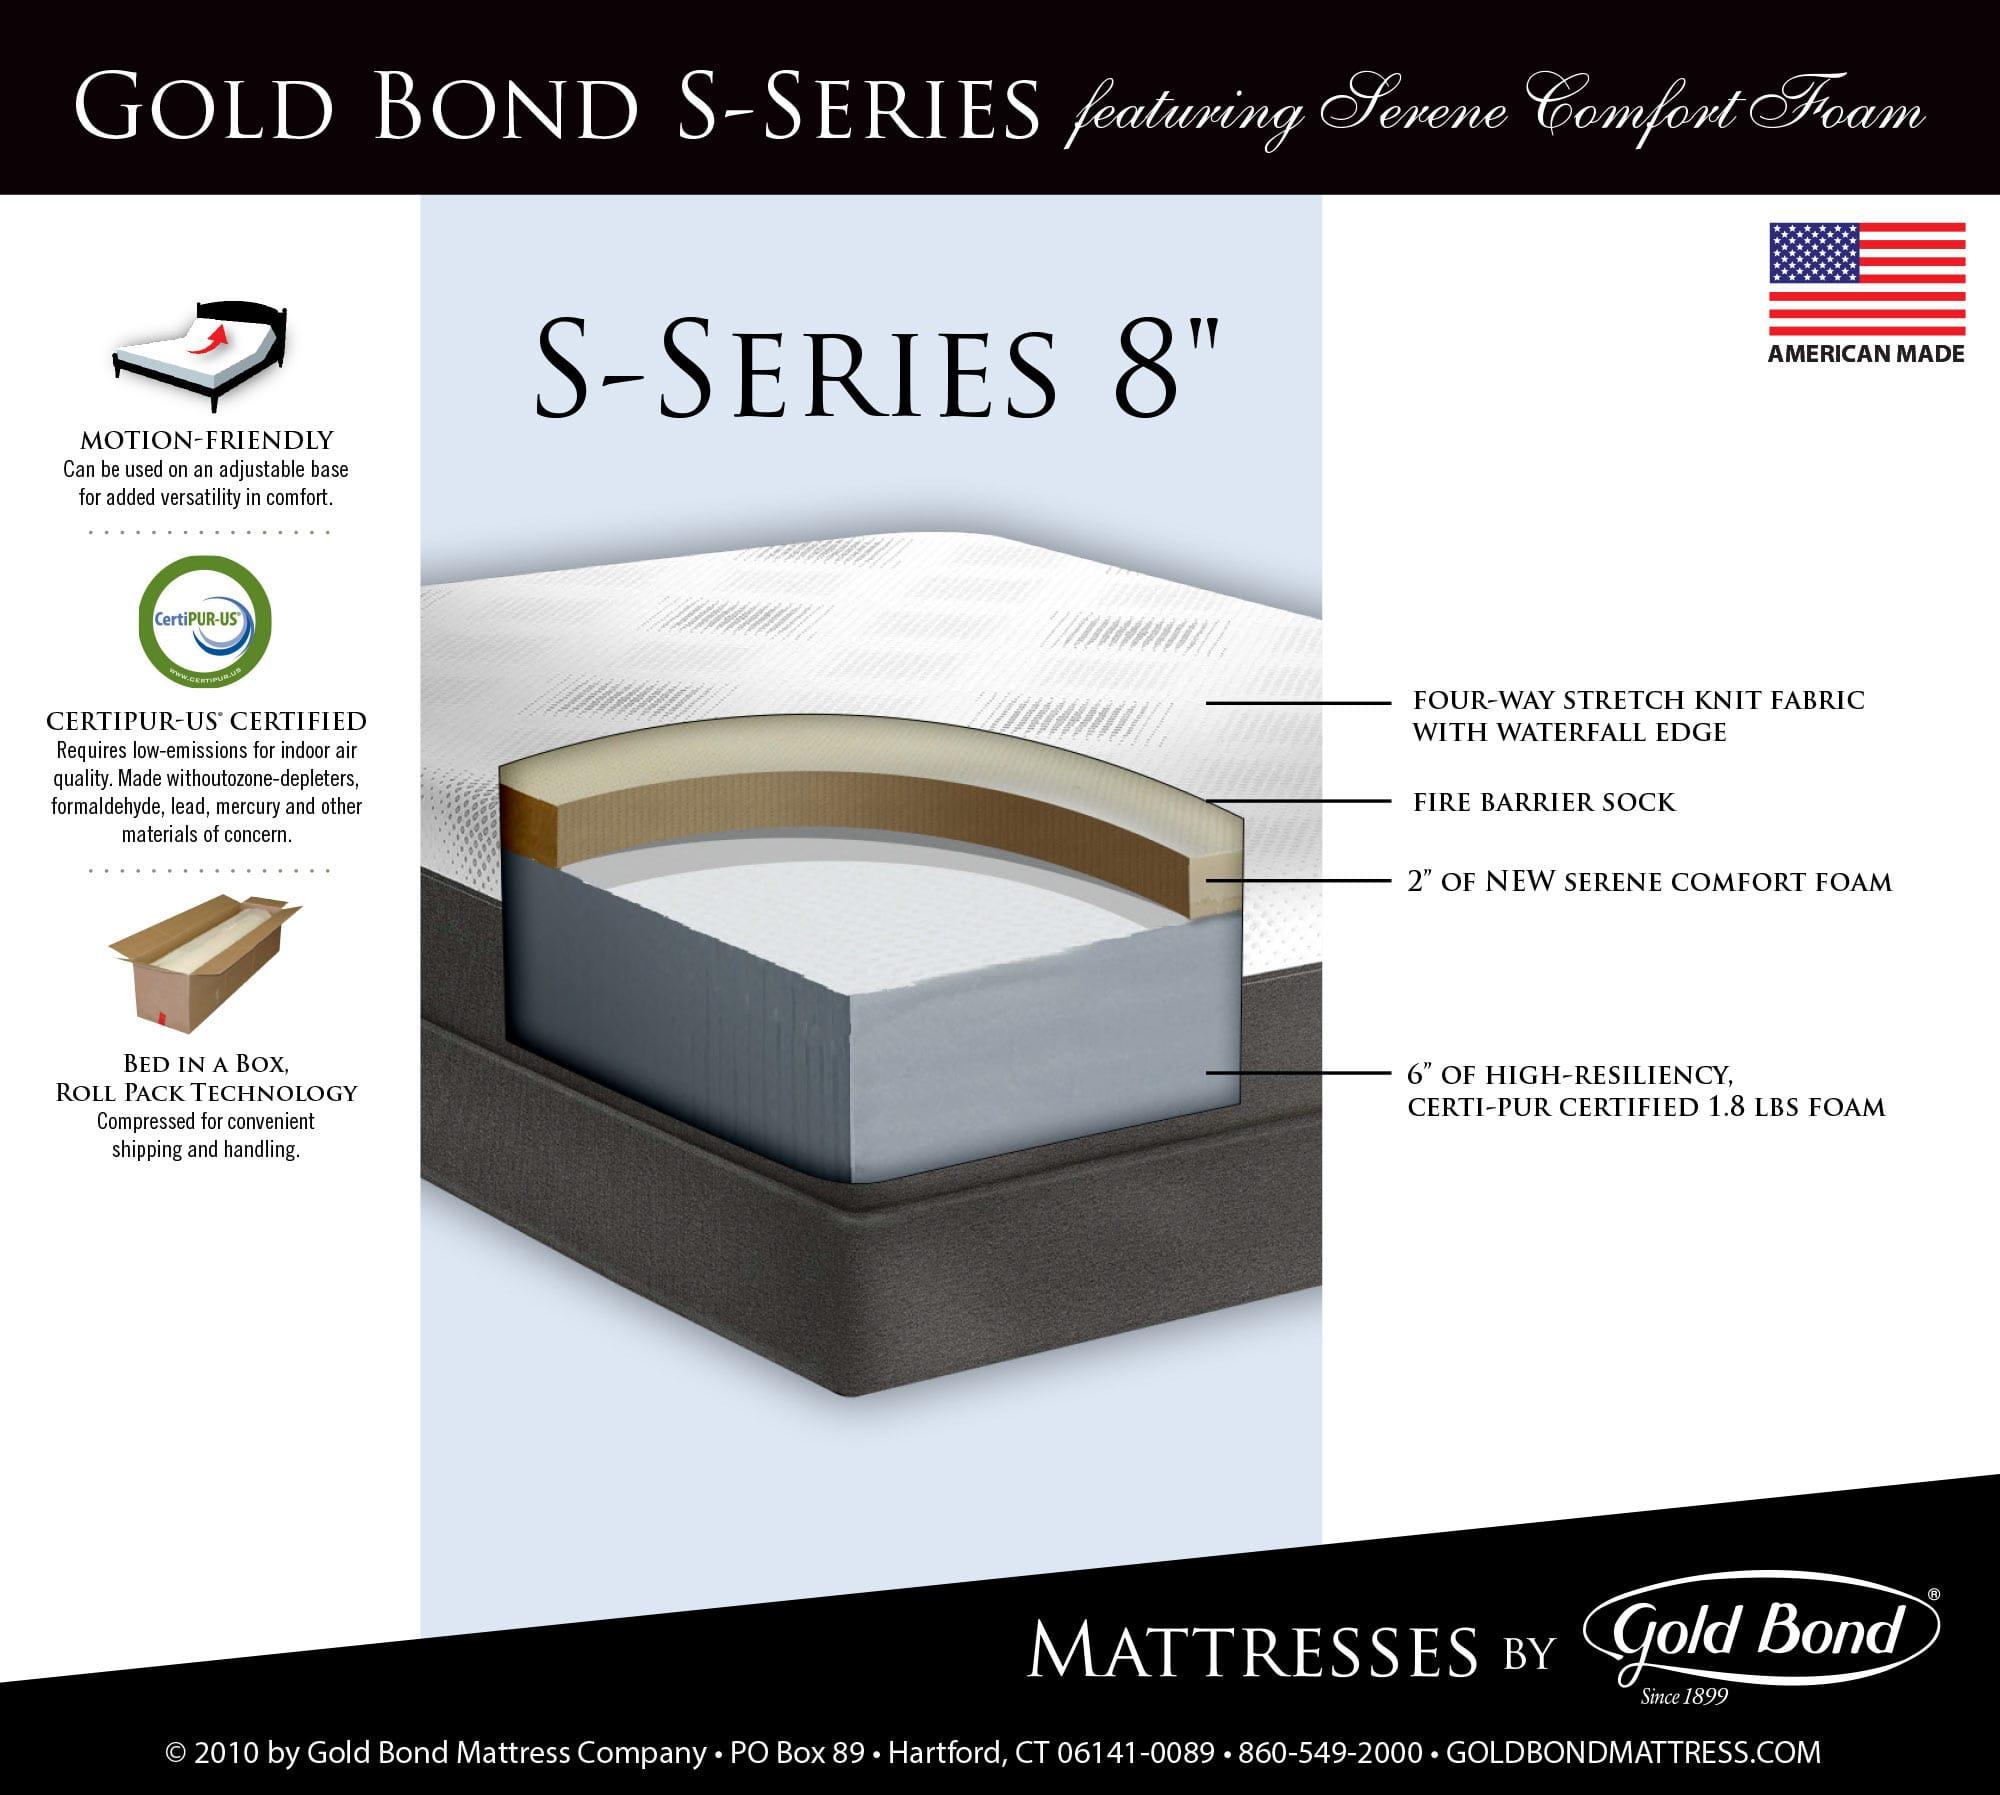 Serene Comfort Foam Mattress By Gold Bond